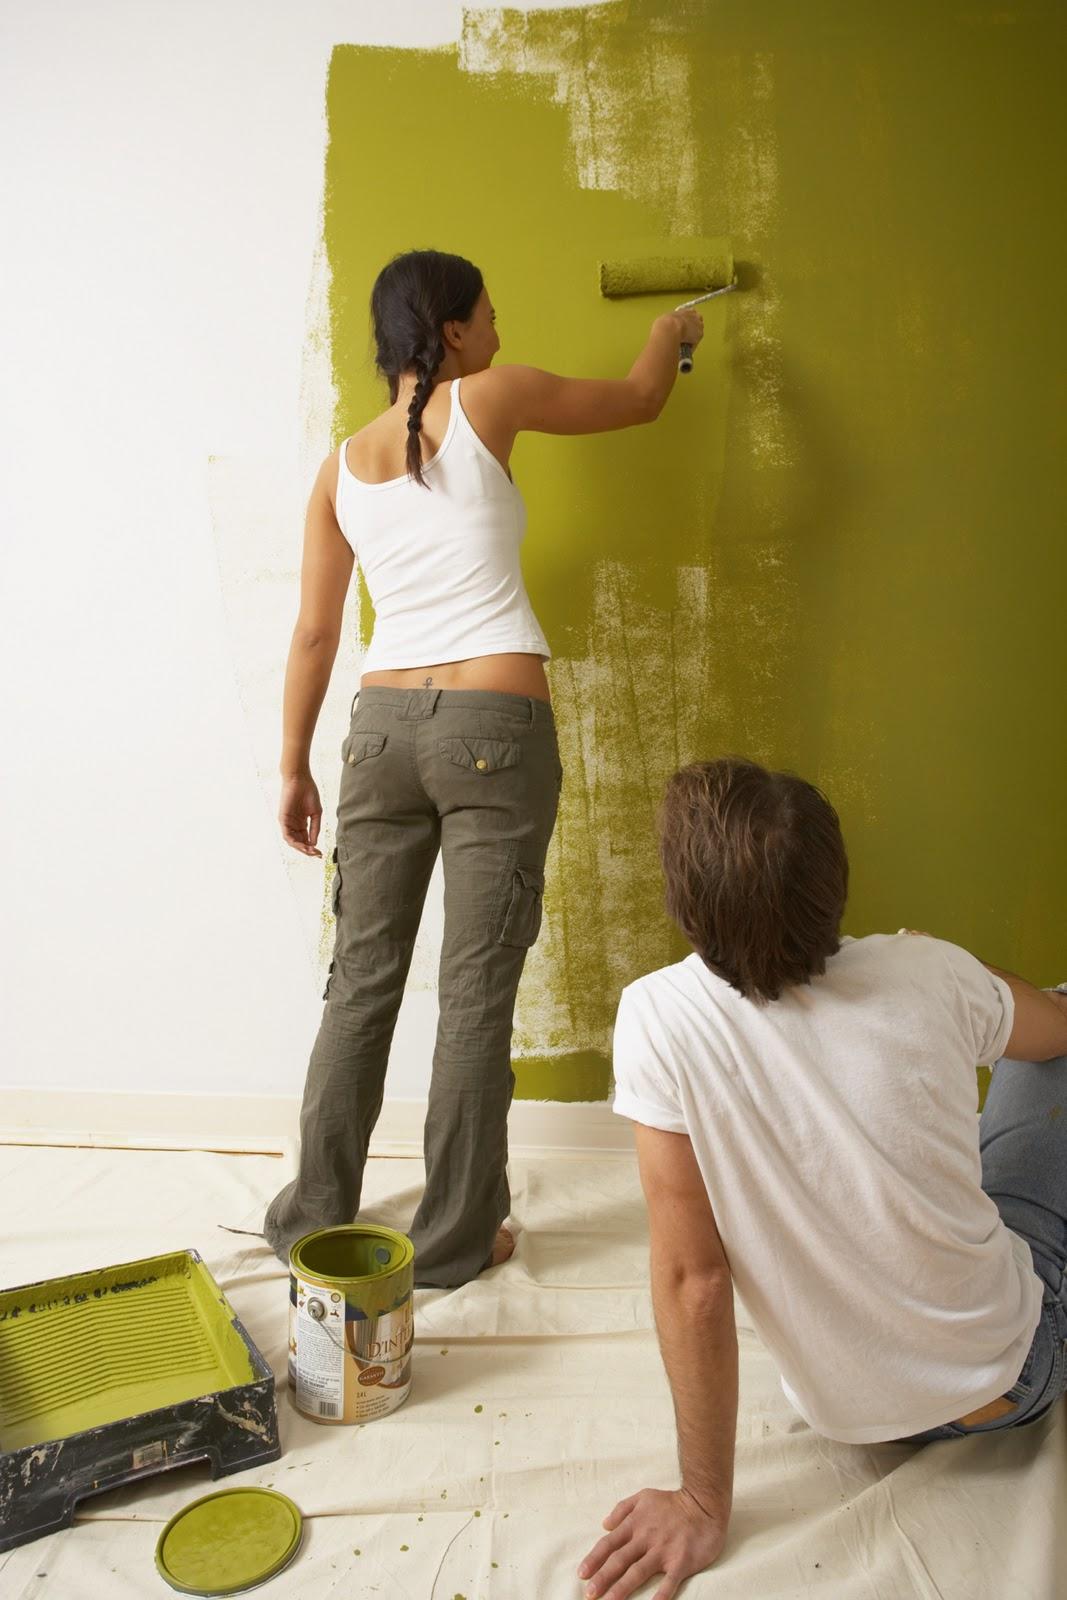 Вододисперсионная или водоэмульсионная краска: какая лучше